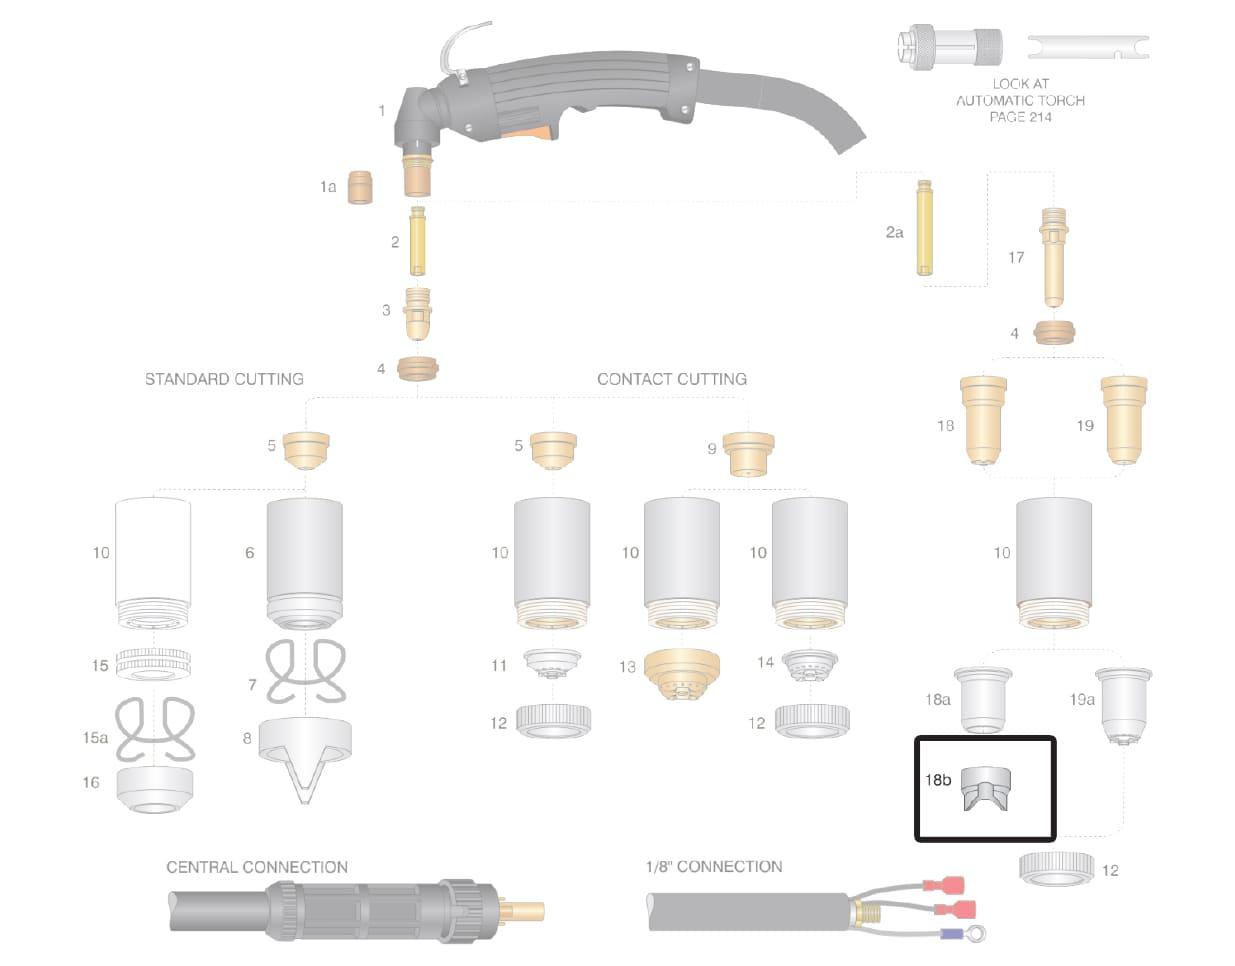 Dettaglio distanziale ugello rame lungo taglio a contatto 50A torcia cebora p150 cp160 p90 p120  plasma